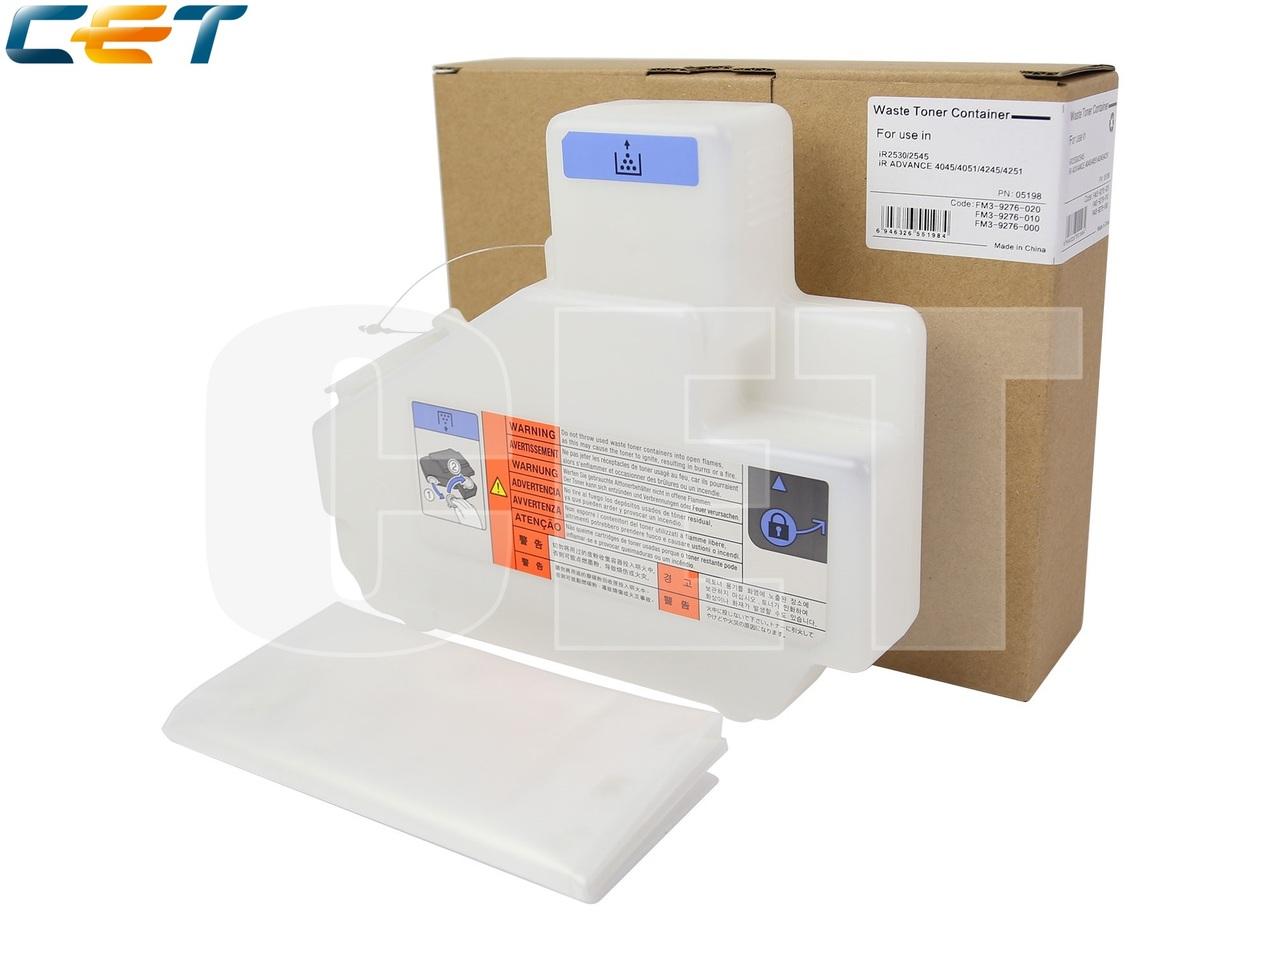 Бункер отработанного тонера FM3-9276-020, FM3-9276-010,FM3-9276-000 для CANON iR2520/2525/2530/2535/2545 (CET),CET5198